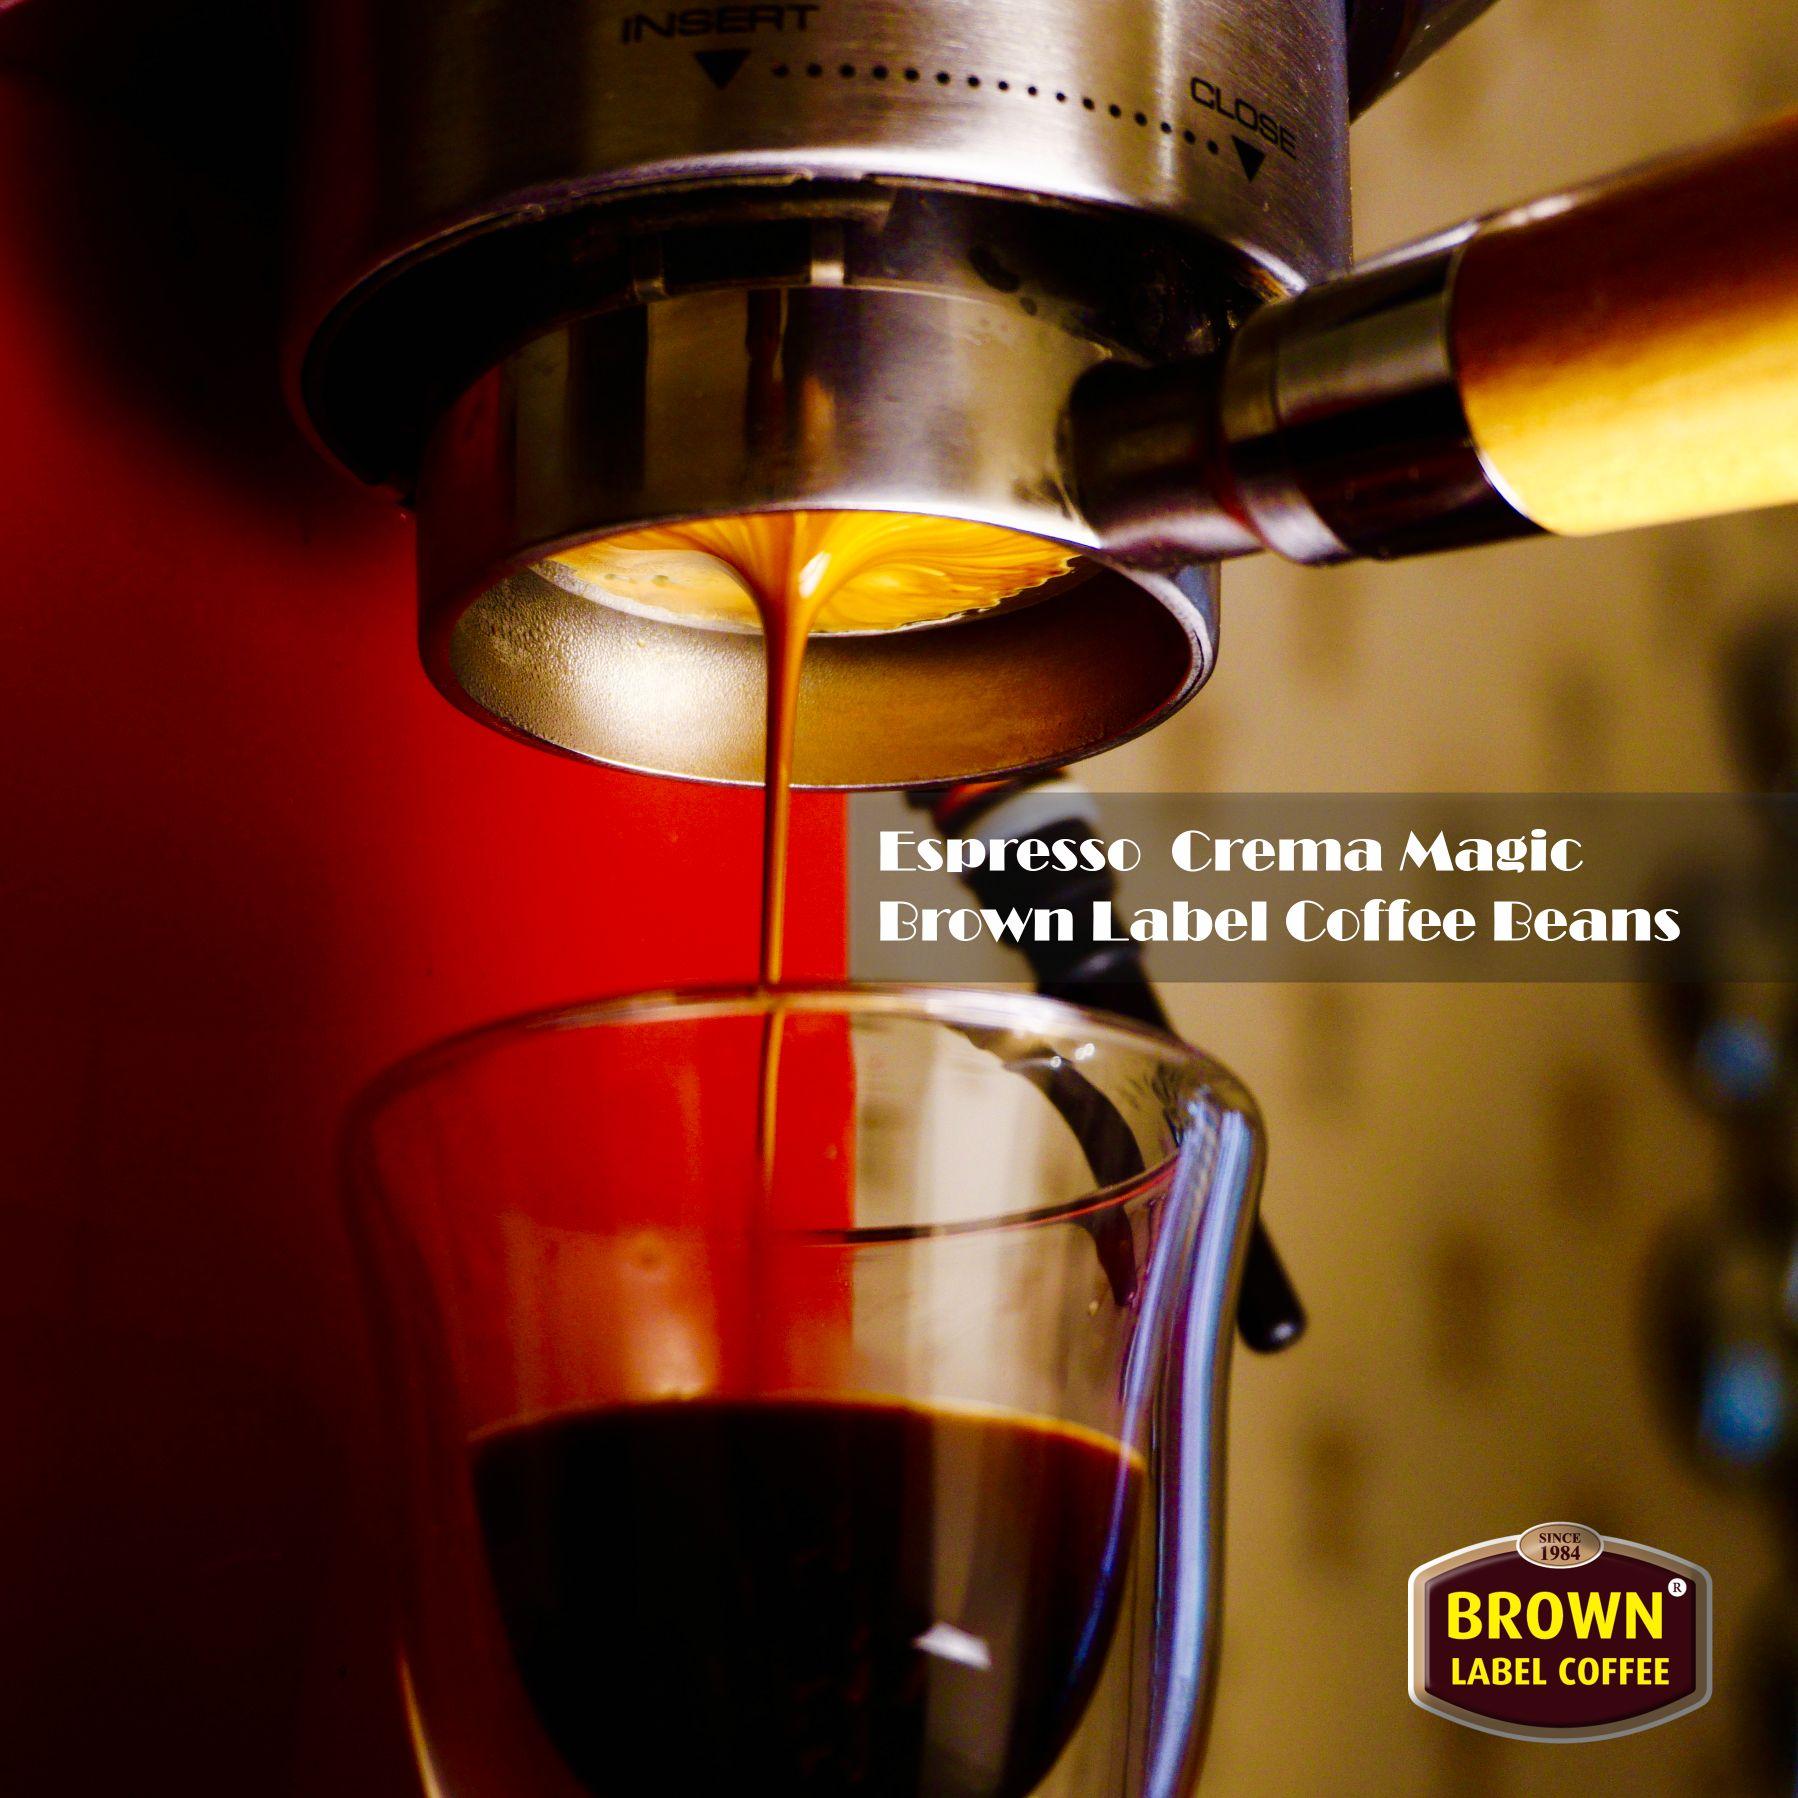 Espresso_Crema_Magic_07012020_PNG